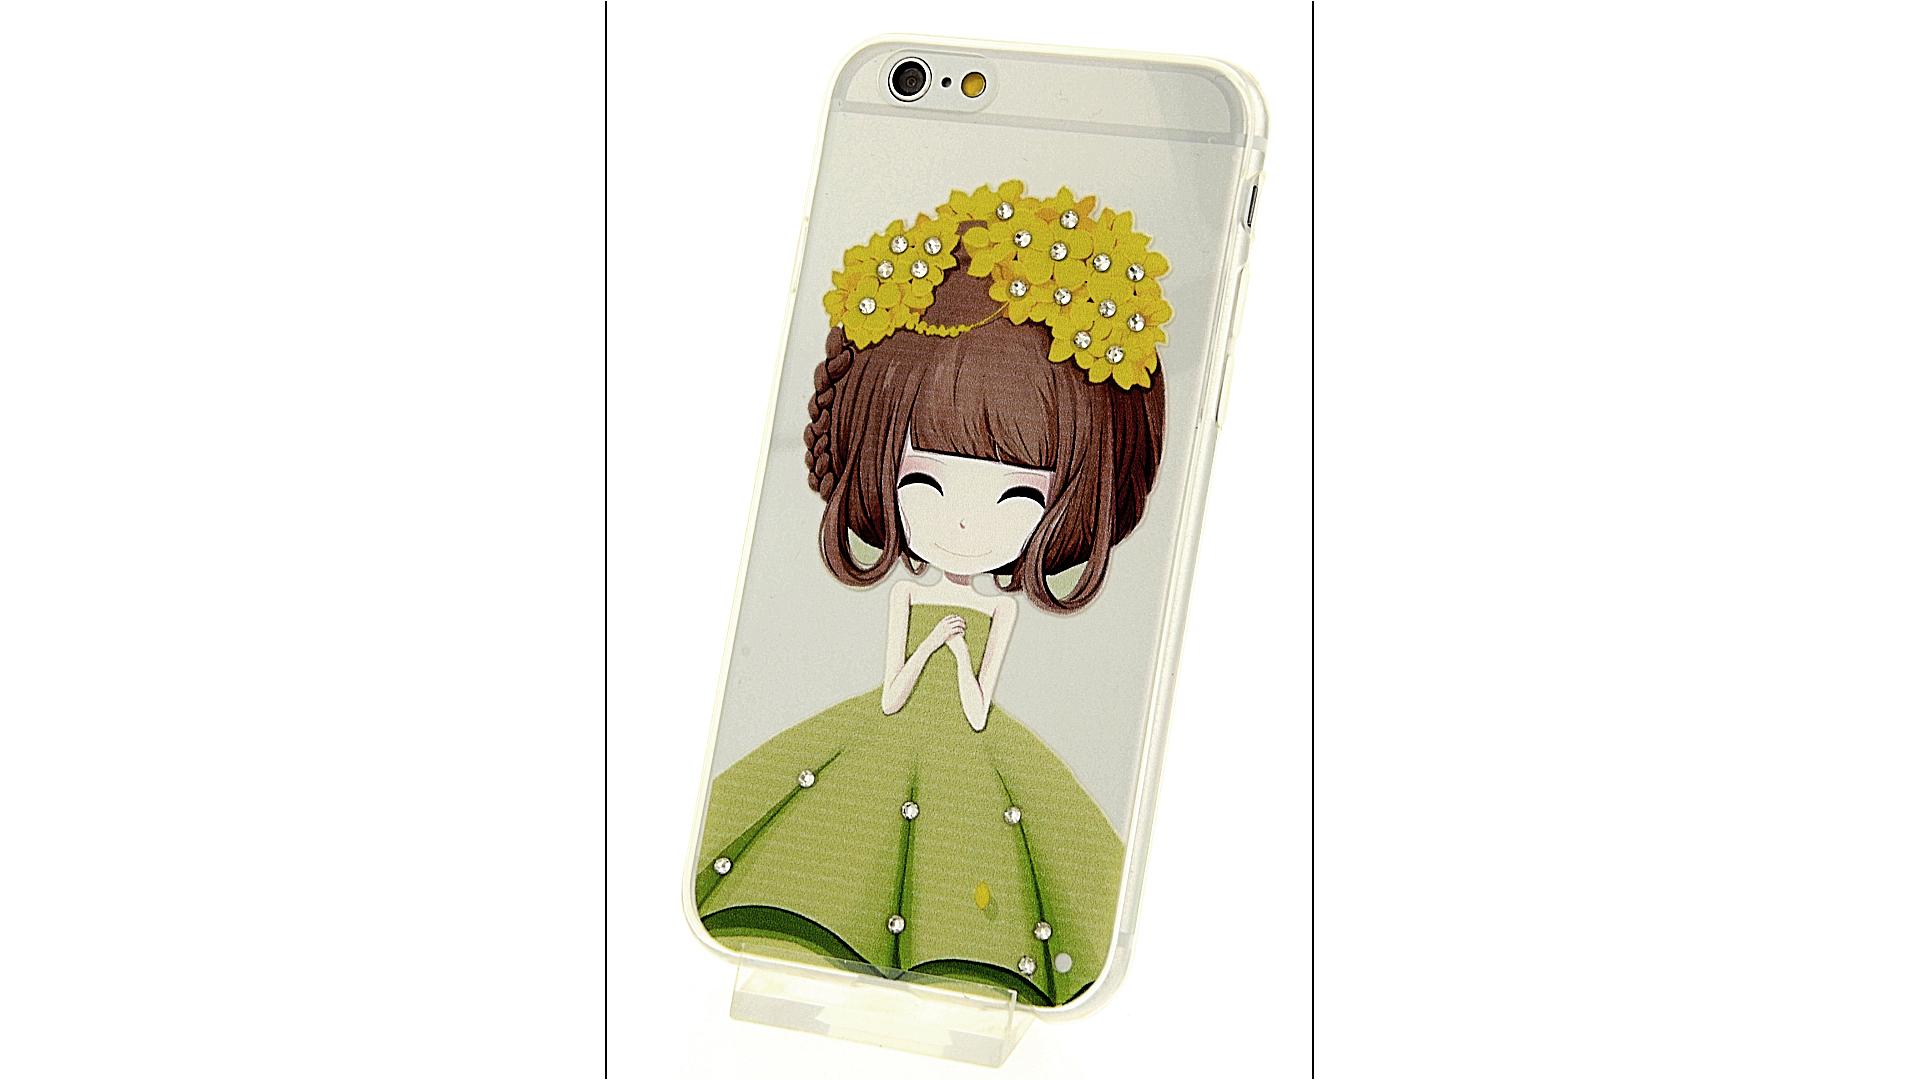 Plastový zadní kryt pro iPhone 6 a iPhone 6S s motivem dívky aceeb02ad15